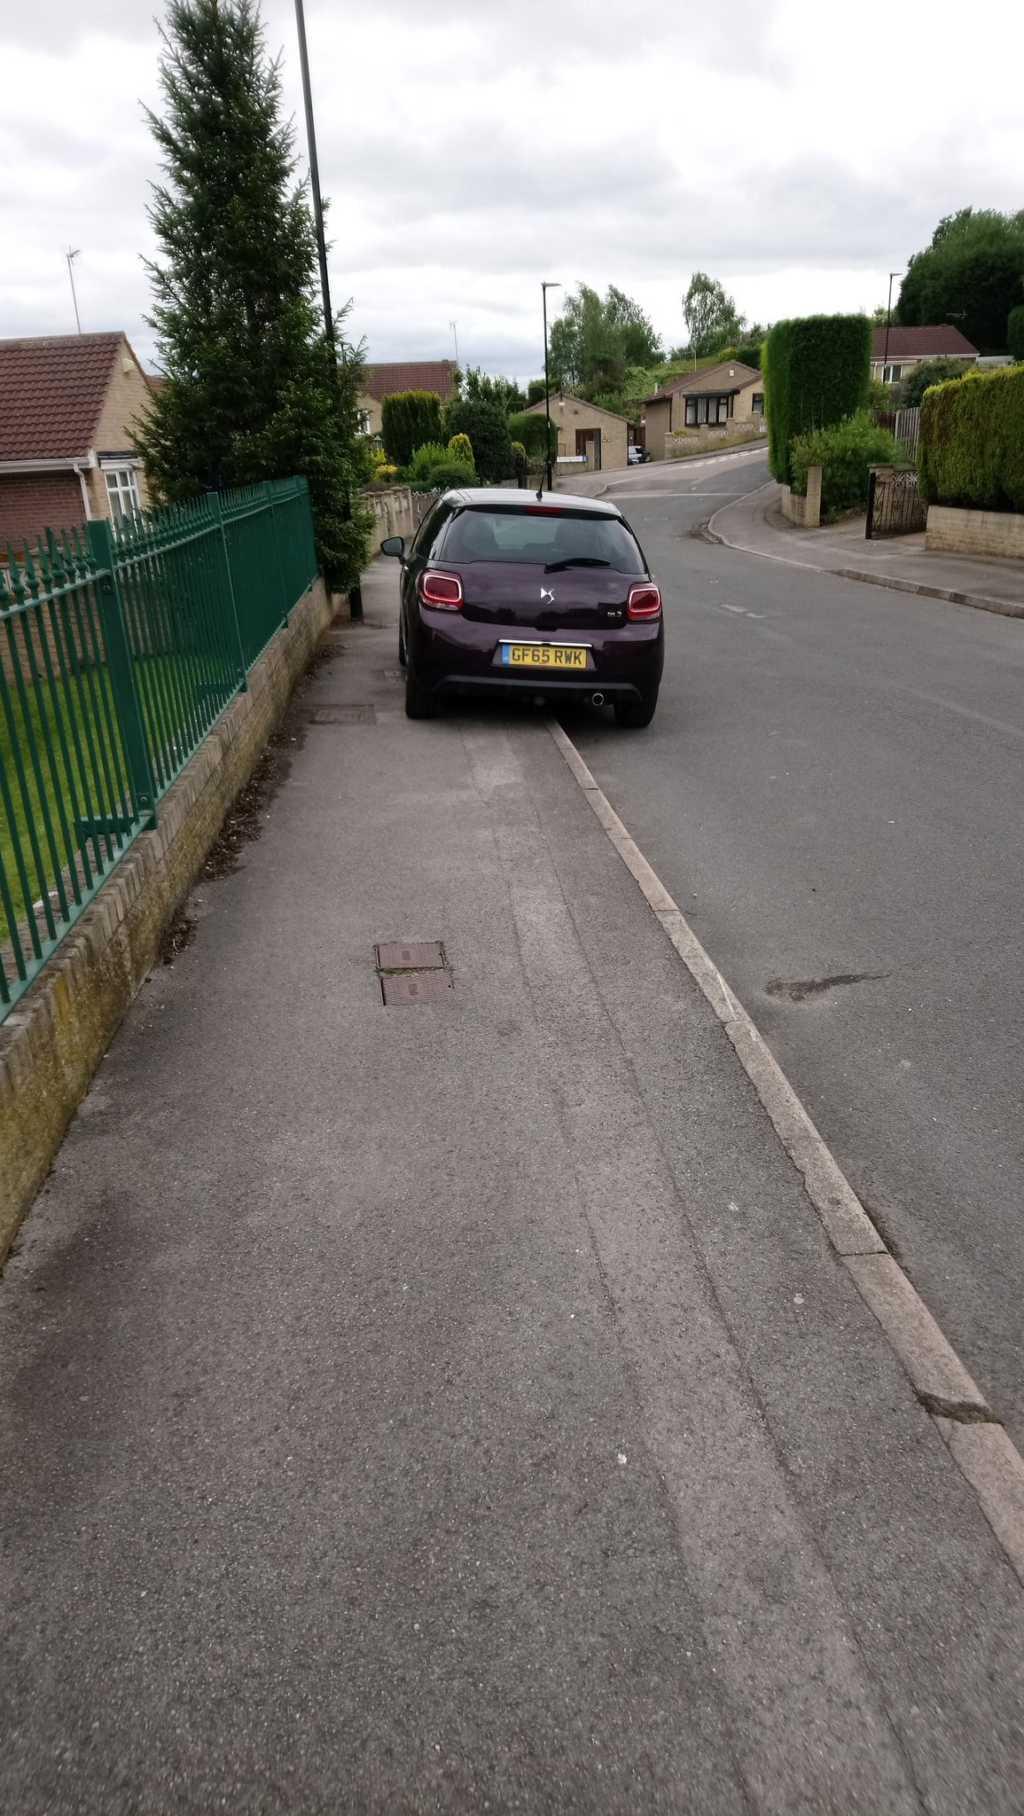 GF65 RWK displaying crap parking